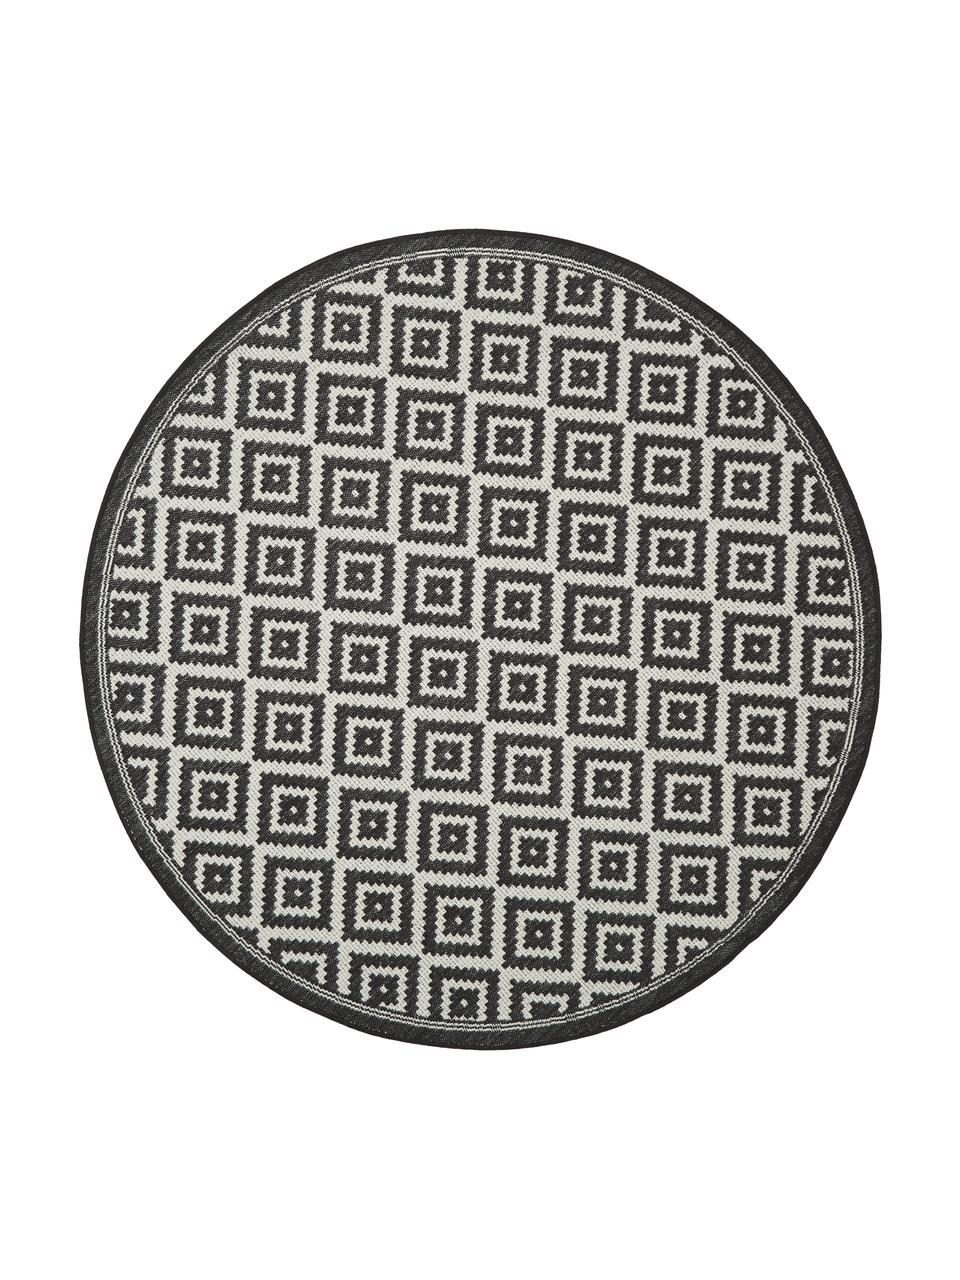 Tappeto rotondo nero/bianco da interno-esterno Miami, 86% polipropilene, 14% poliestere, Bianco, nero, Ø 200 cm (taglia L)